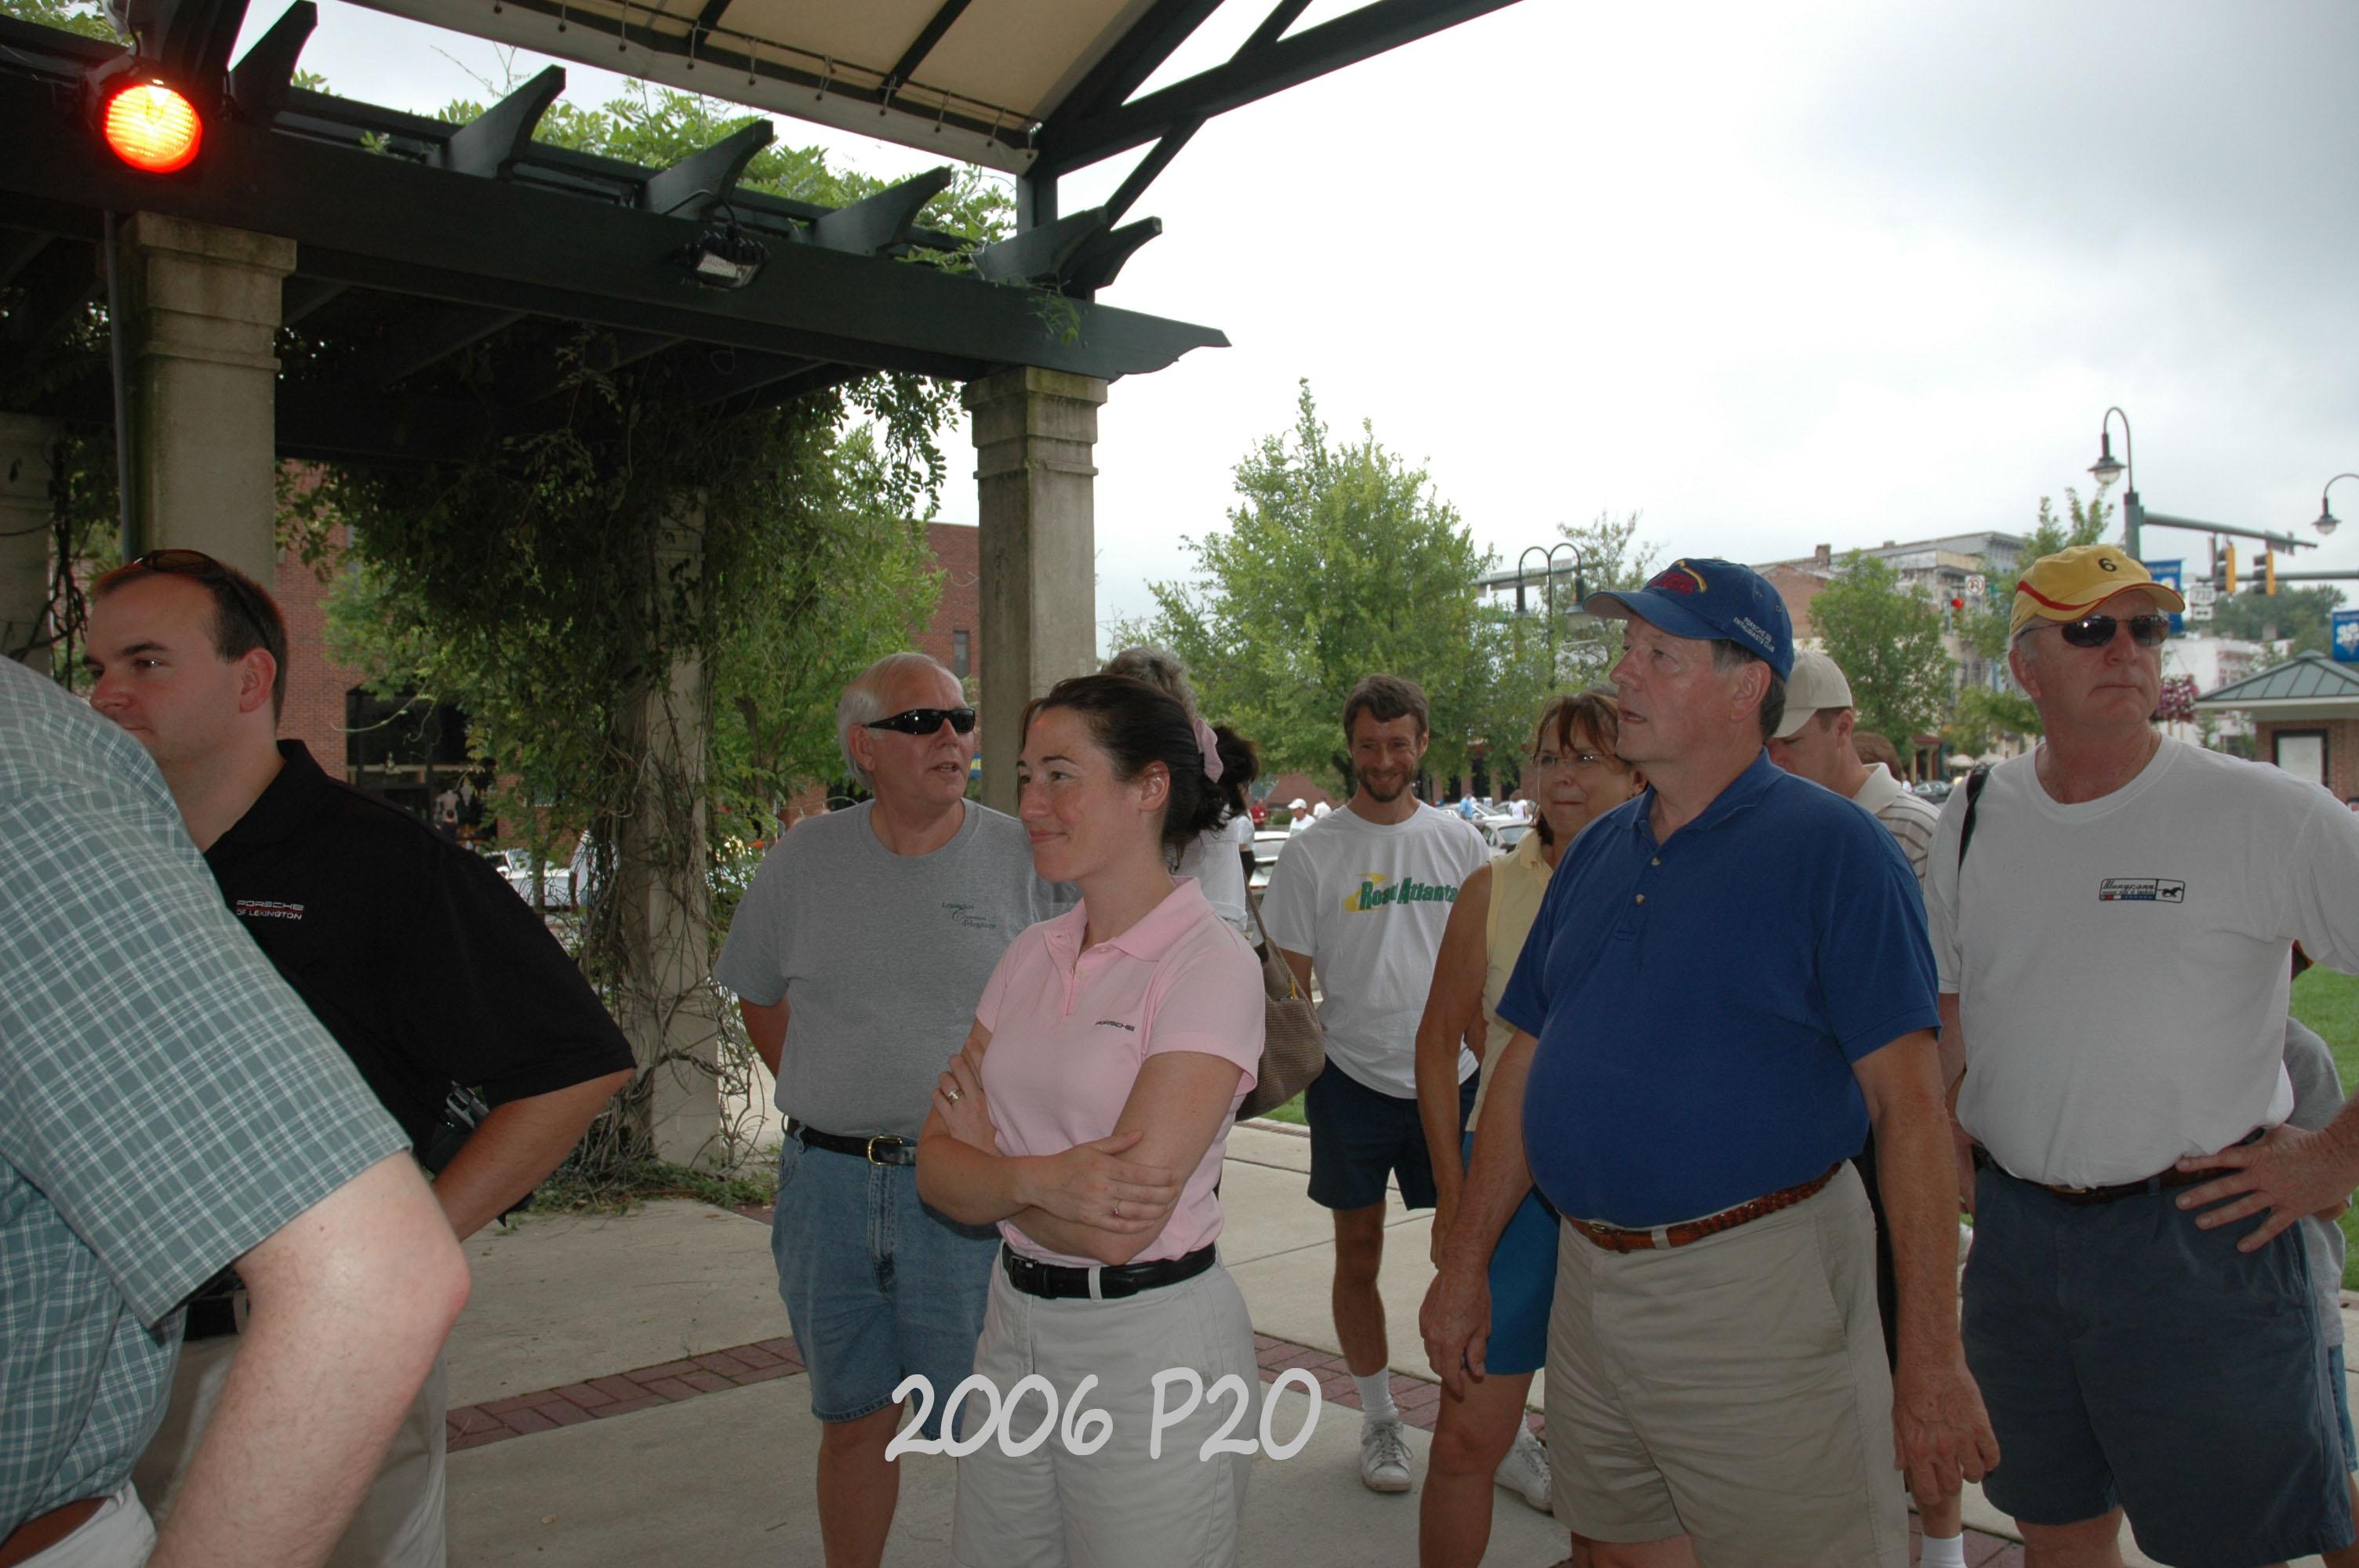 2006-P2O-DSC_2533